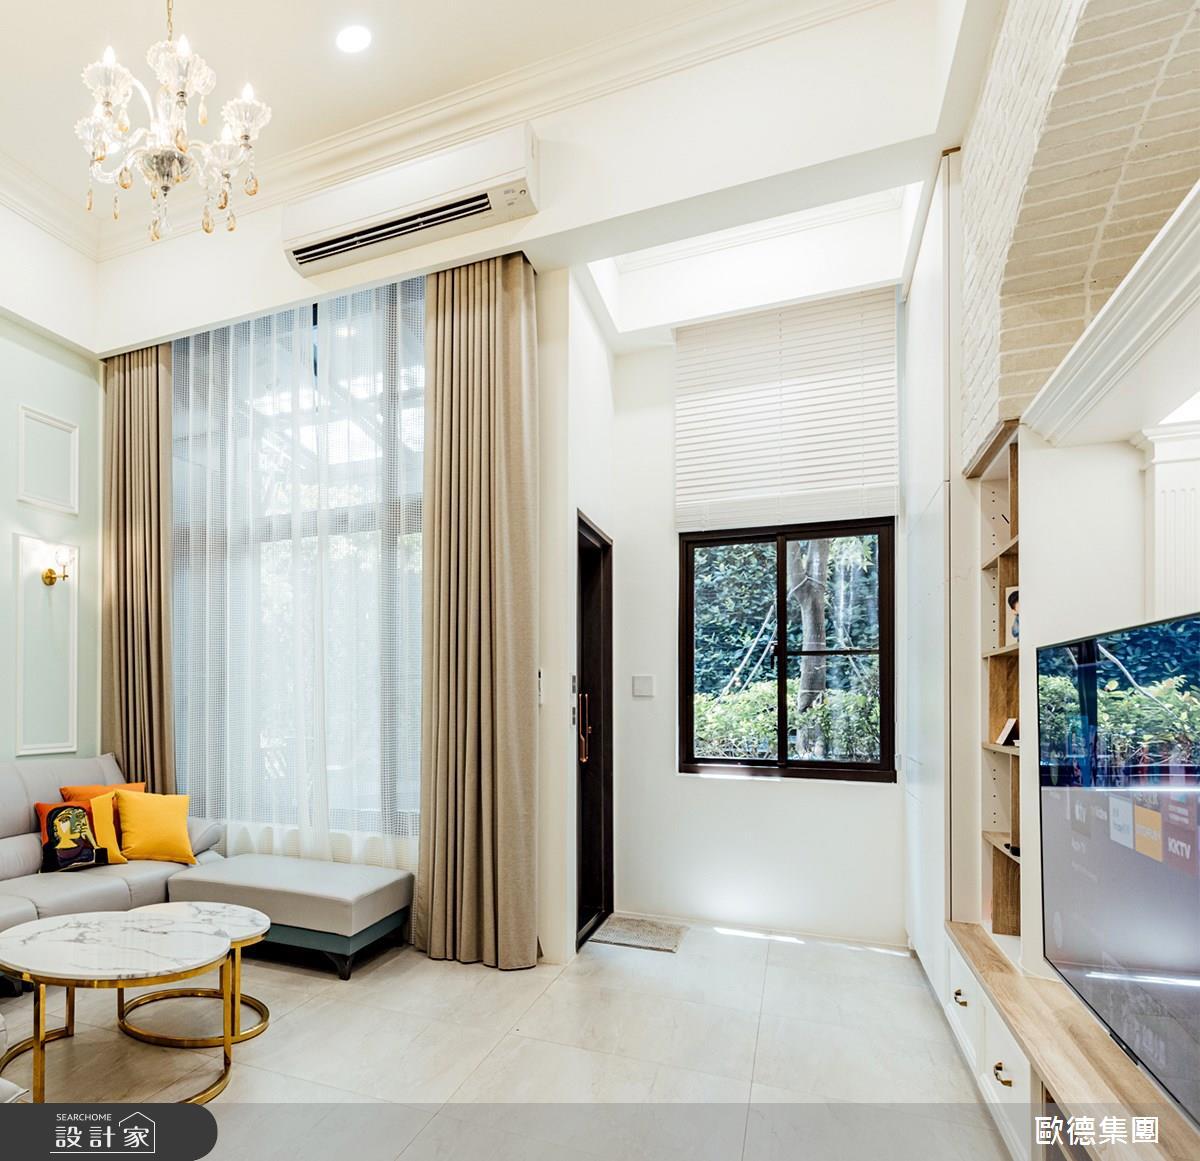 100坪新成屋(5年以下)_美式風案例圖片_台灣歐德傢俱股份有限公司_歐德_140之1